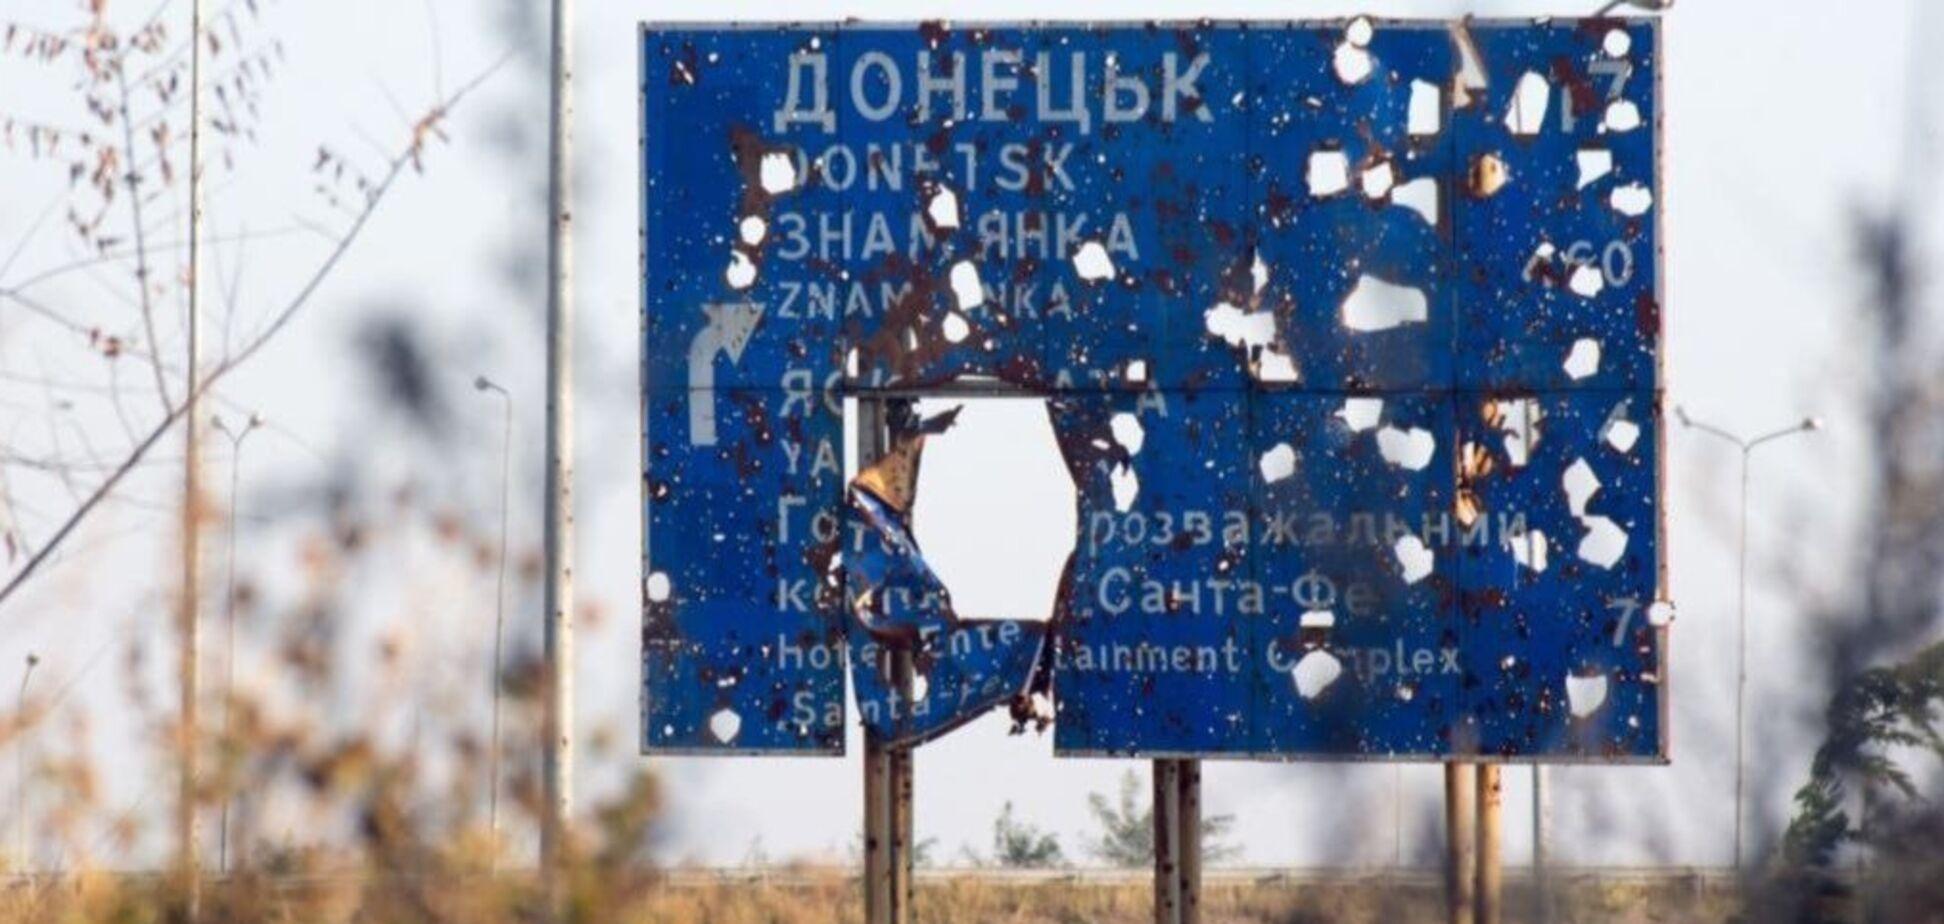 Мій референдум: мир з Росією лише після перемоги